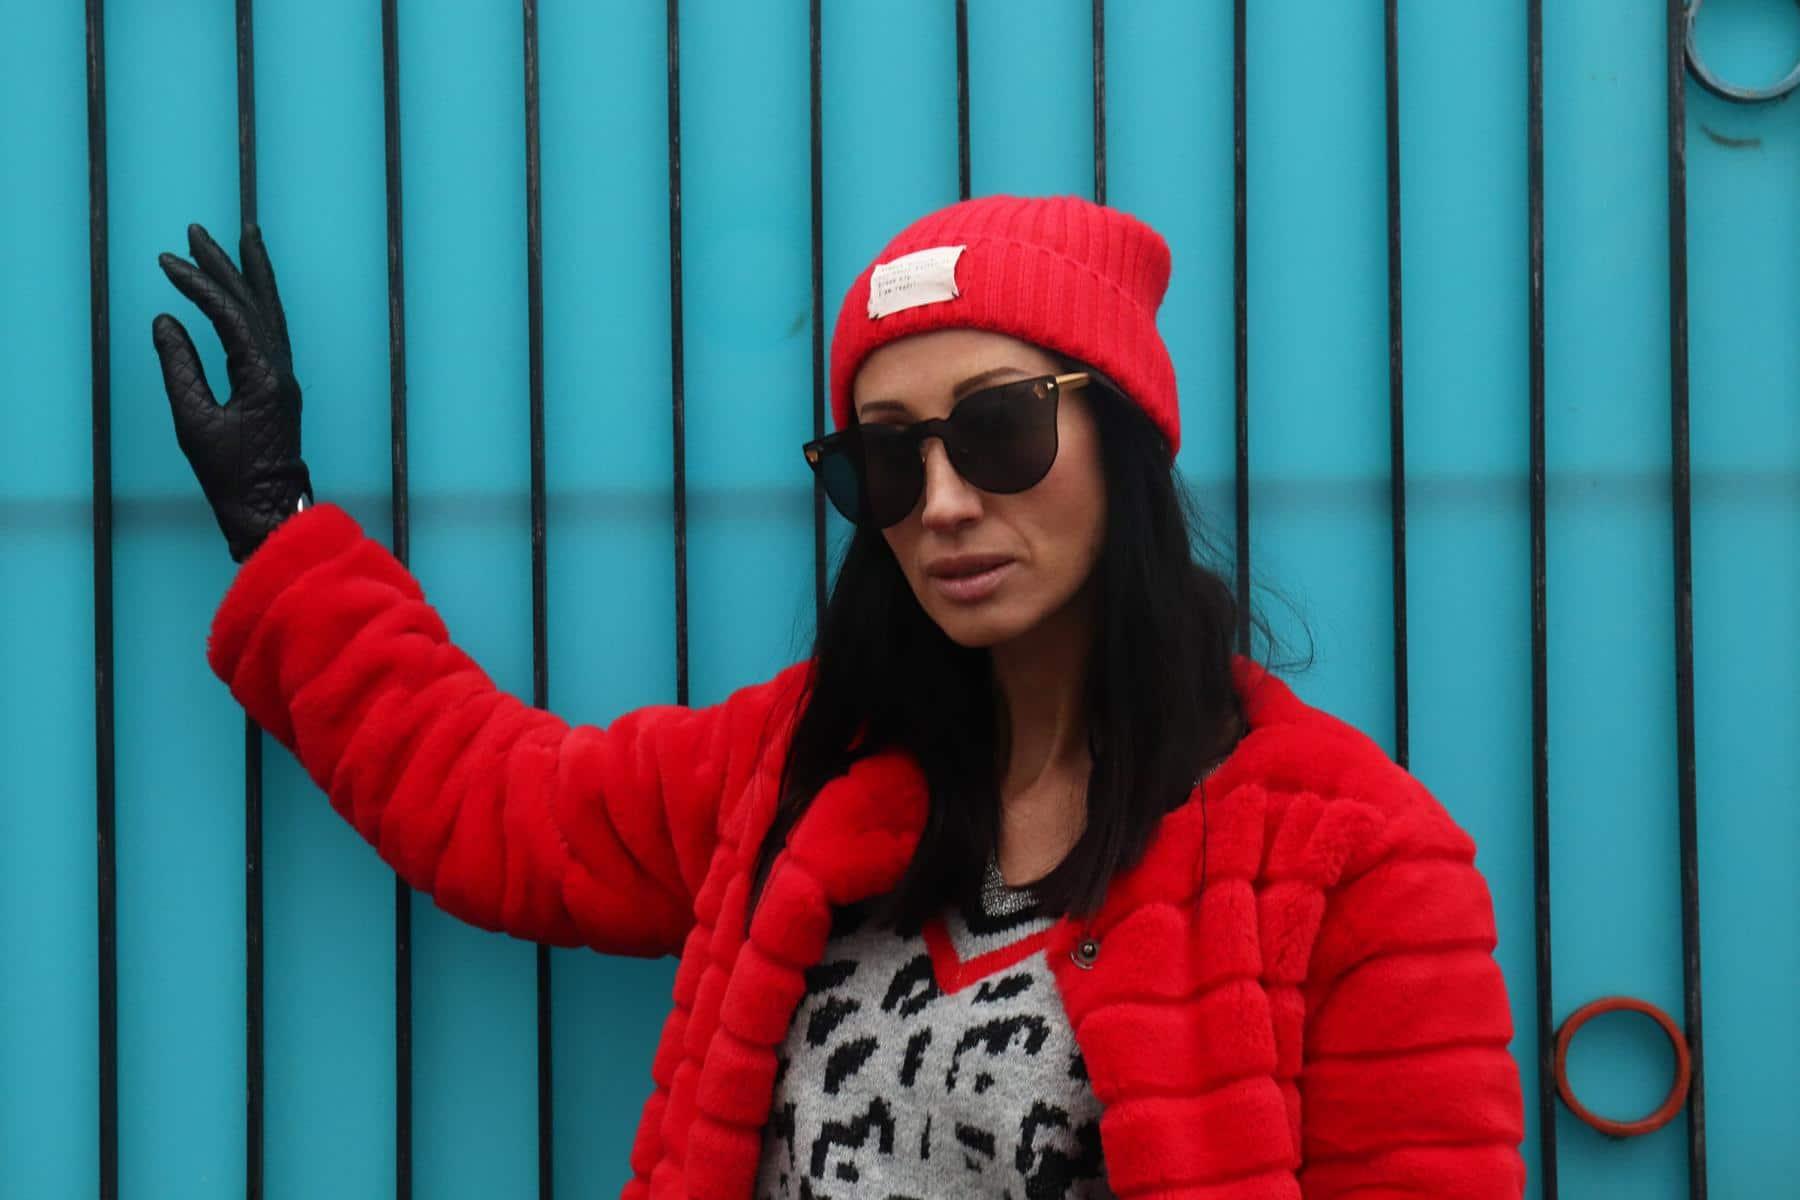 Herbst-Winter-Style a la Apres-Ski mit roter Fake Fur-Jacke, Leo-Strickpullover mit Silber und Designerhandschuhen sowie Designersonnenbrille. © Copyright Bettina Katscher 2019